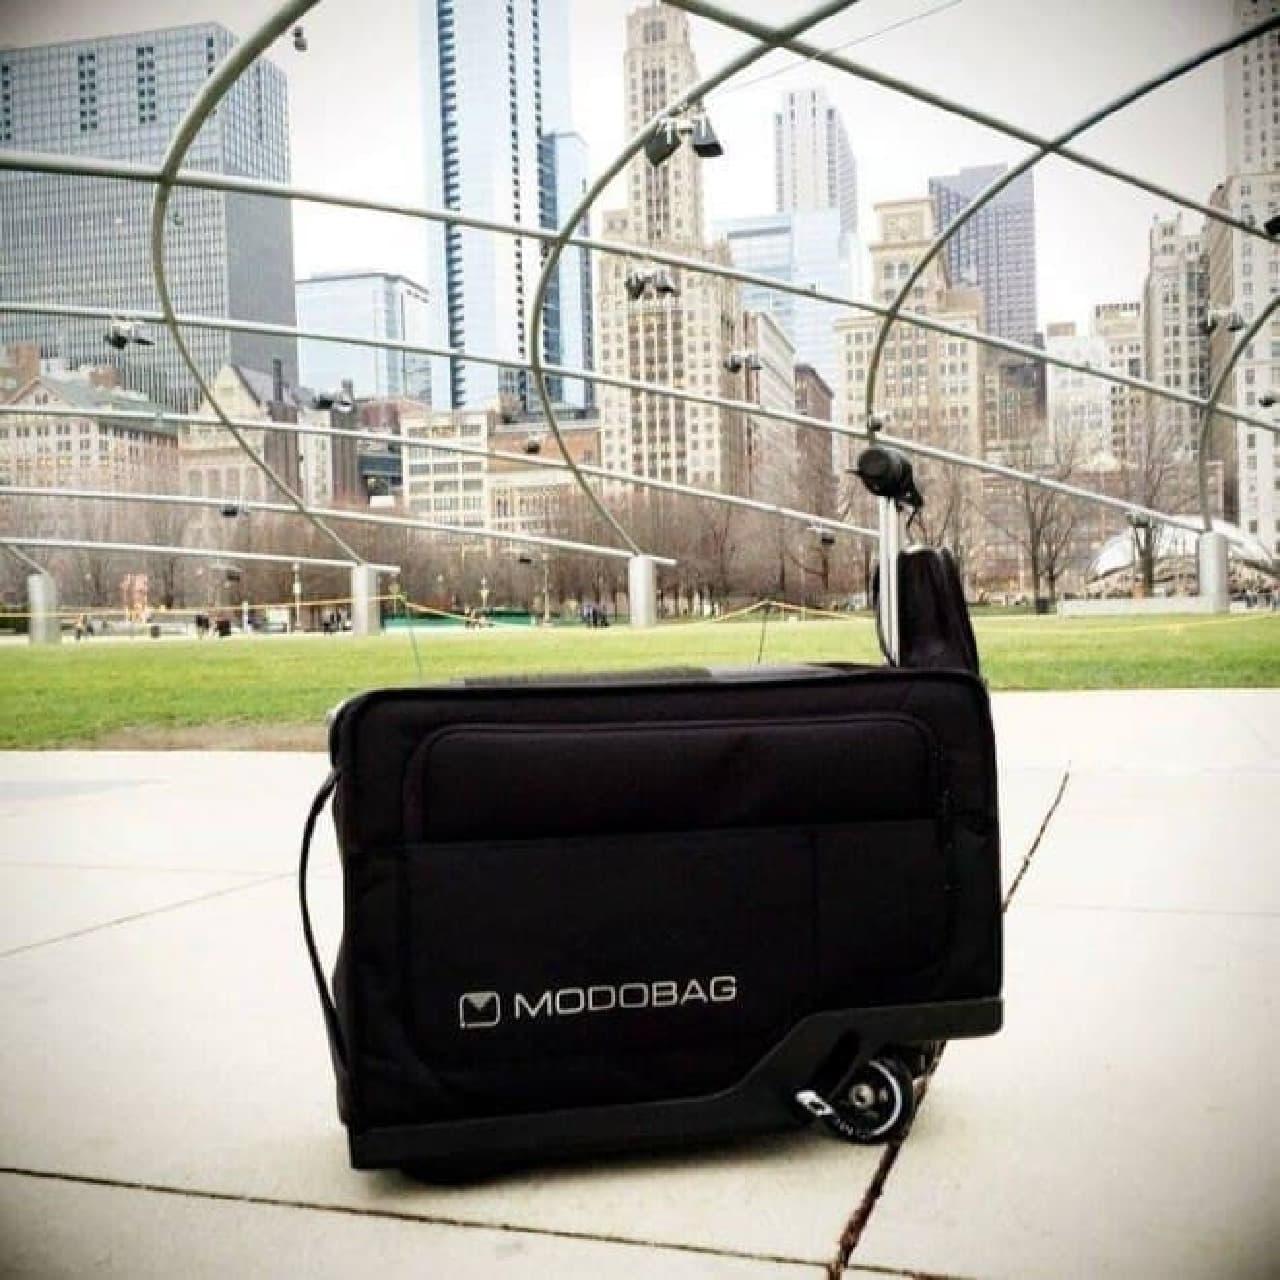 スーツケース型の電動バイク「Modobag」―